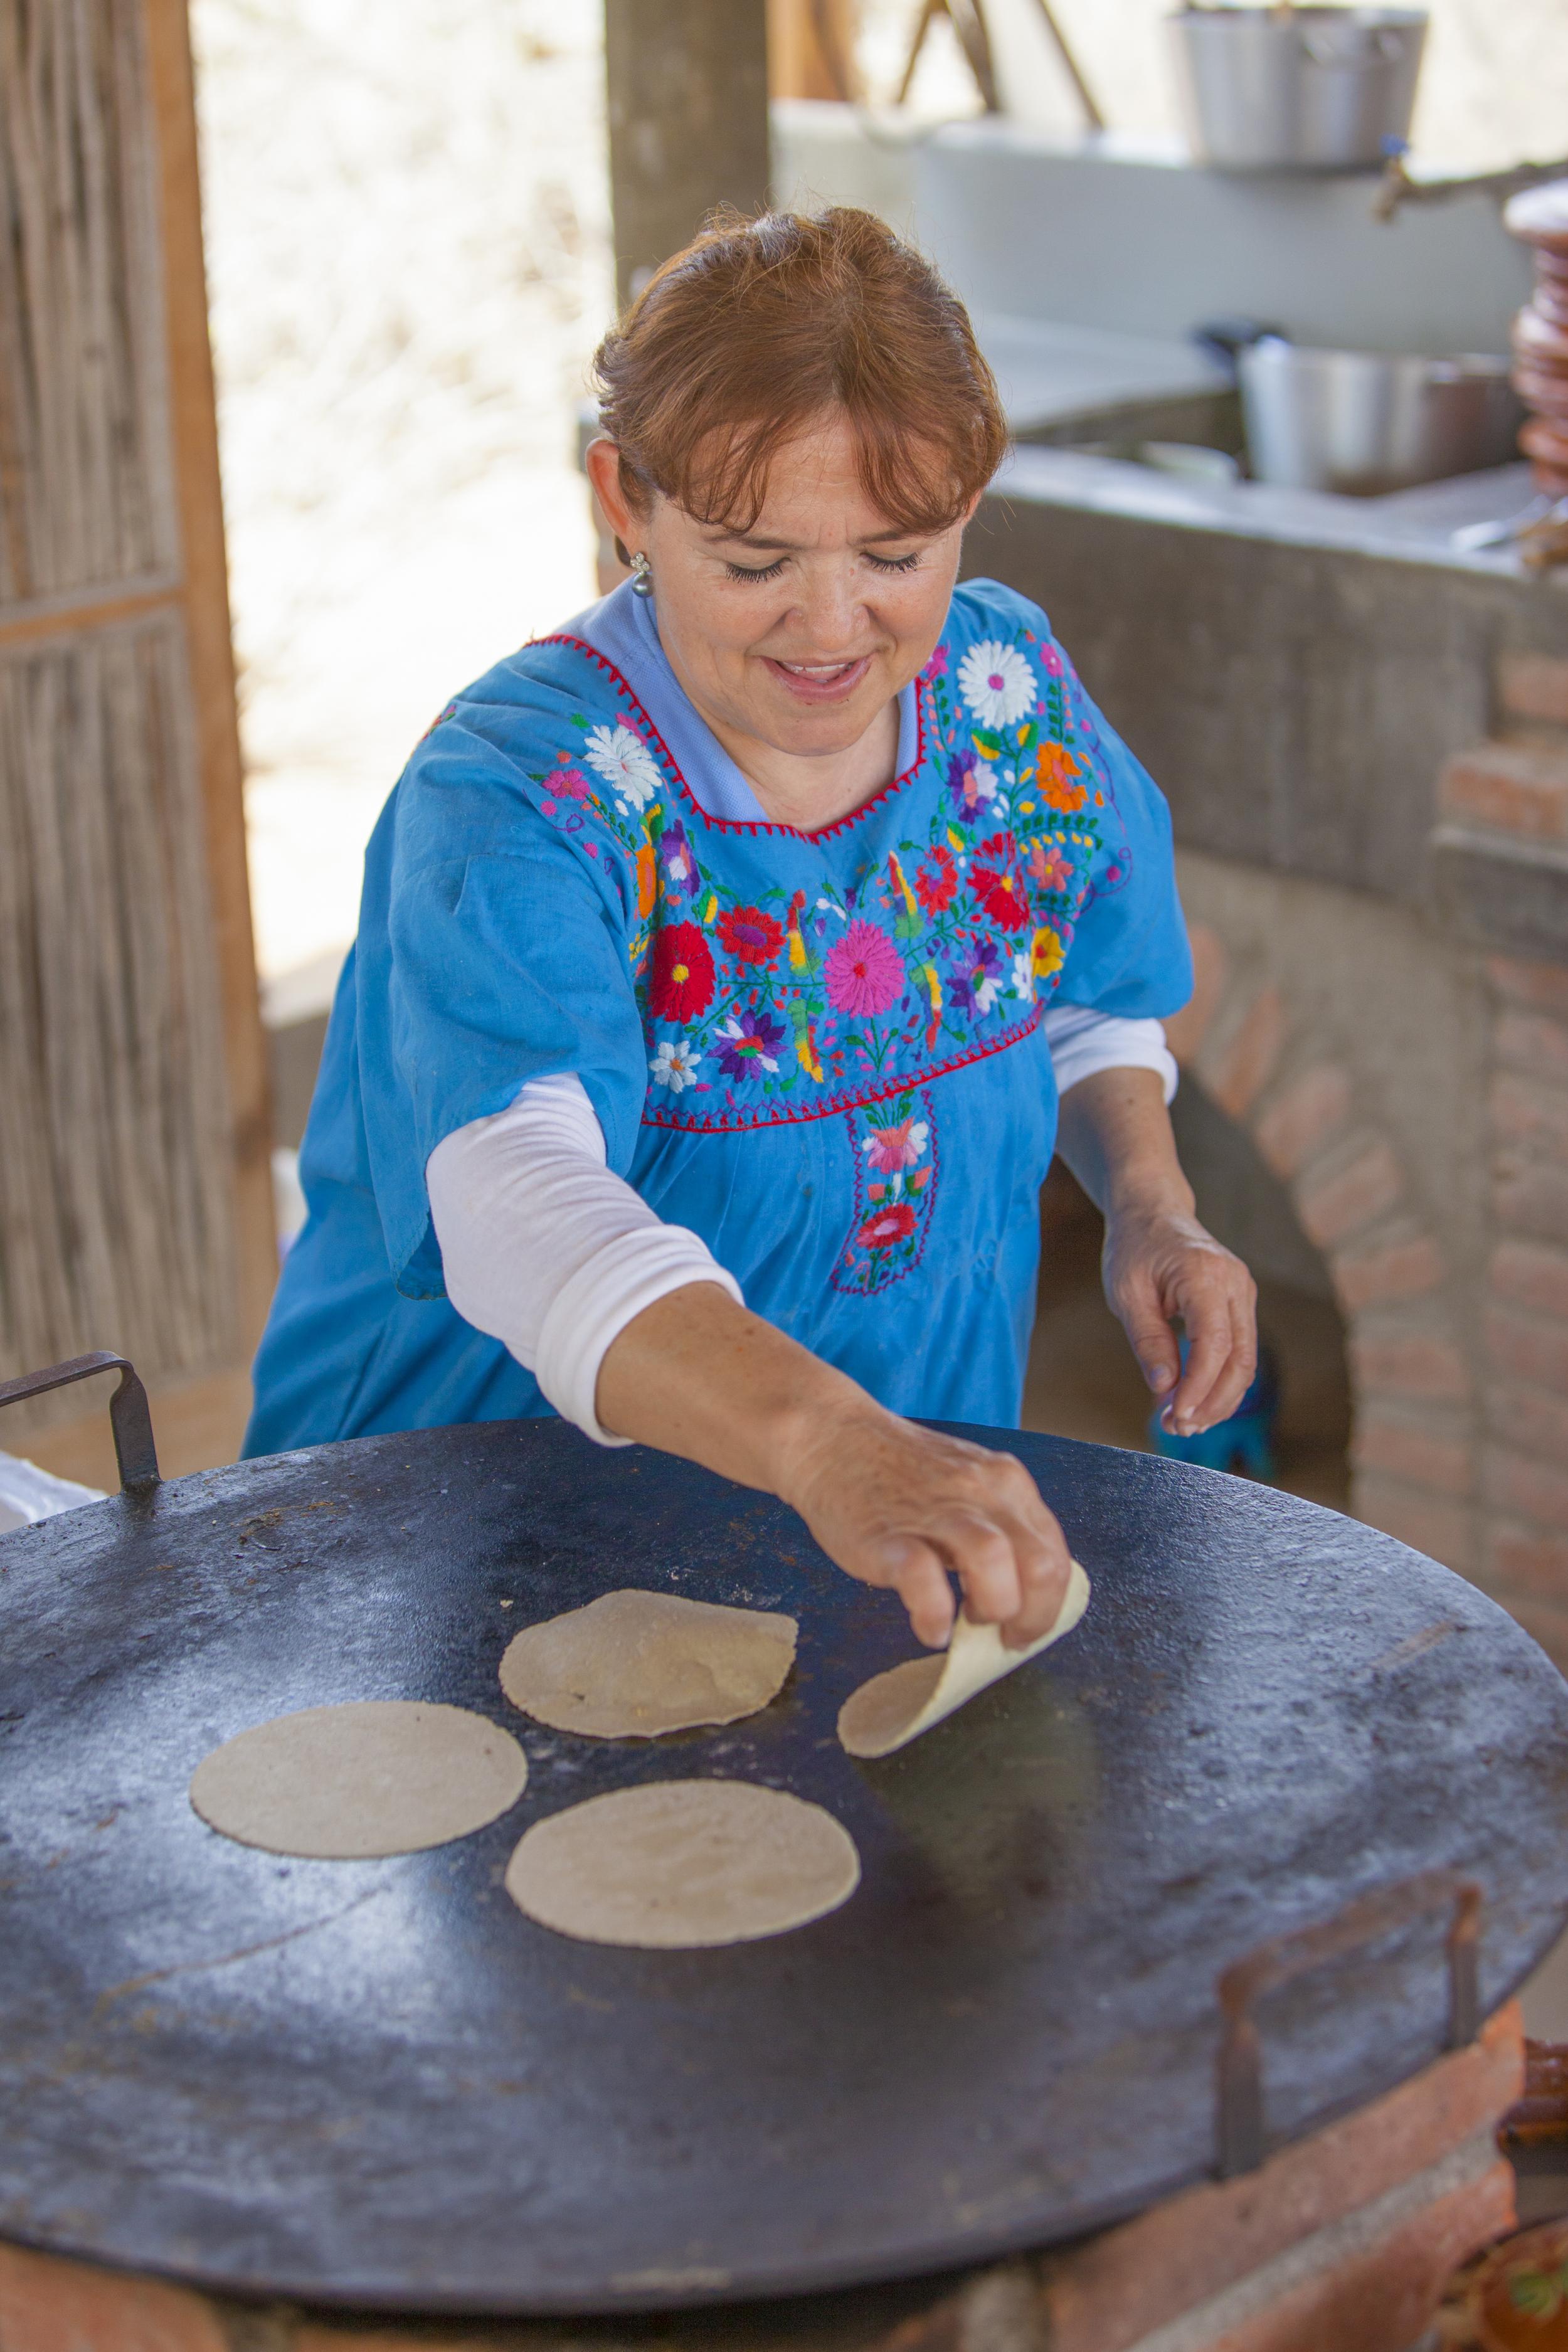 Tortilla making demonstration at the Camel Ranch